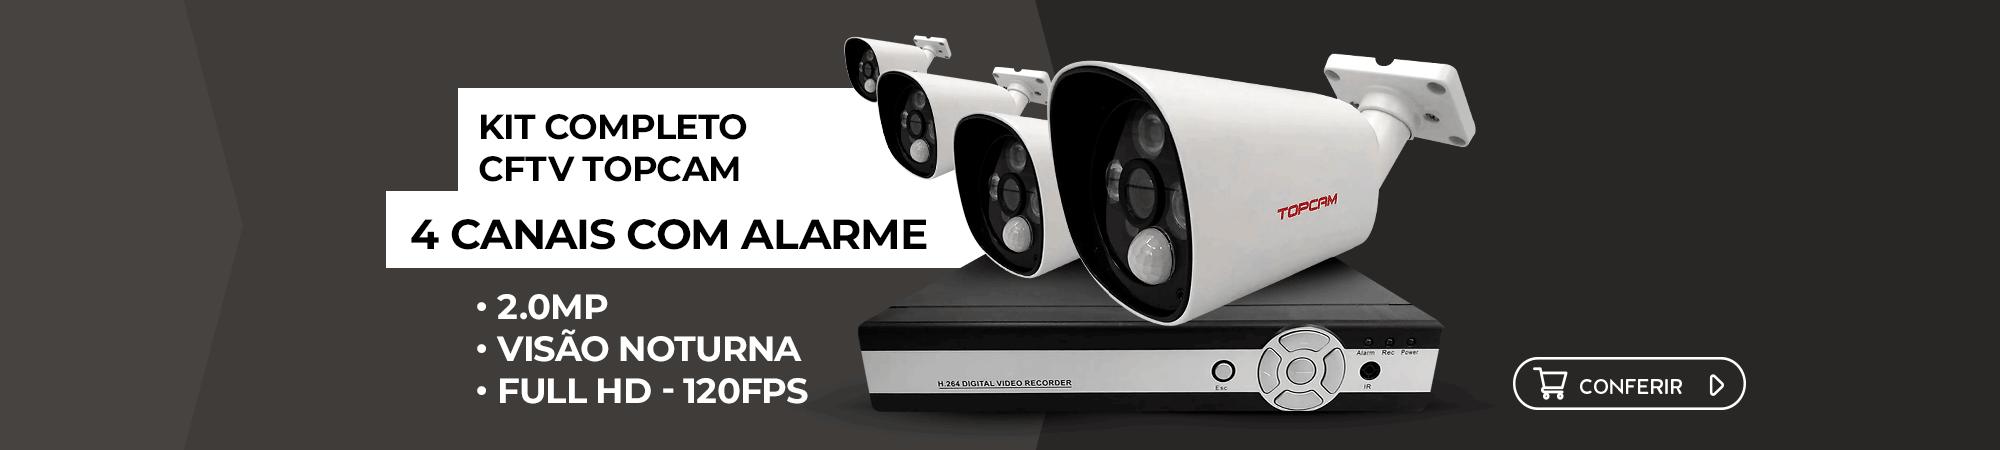 Kit CFTV Topcam é aqui. Clique e confira!